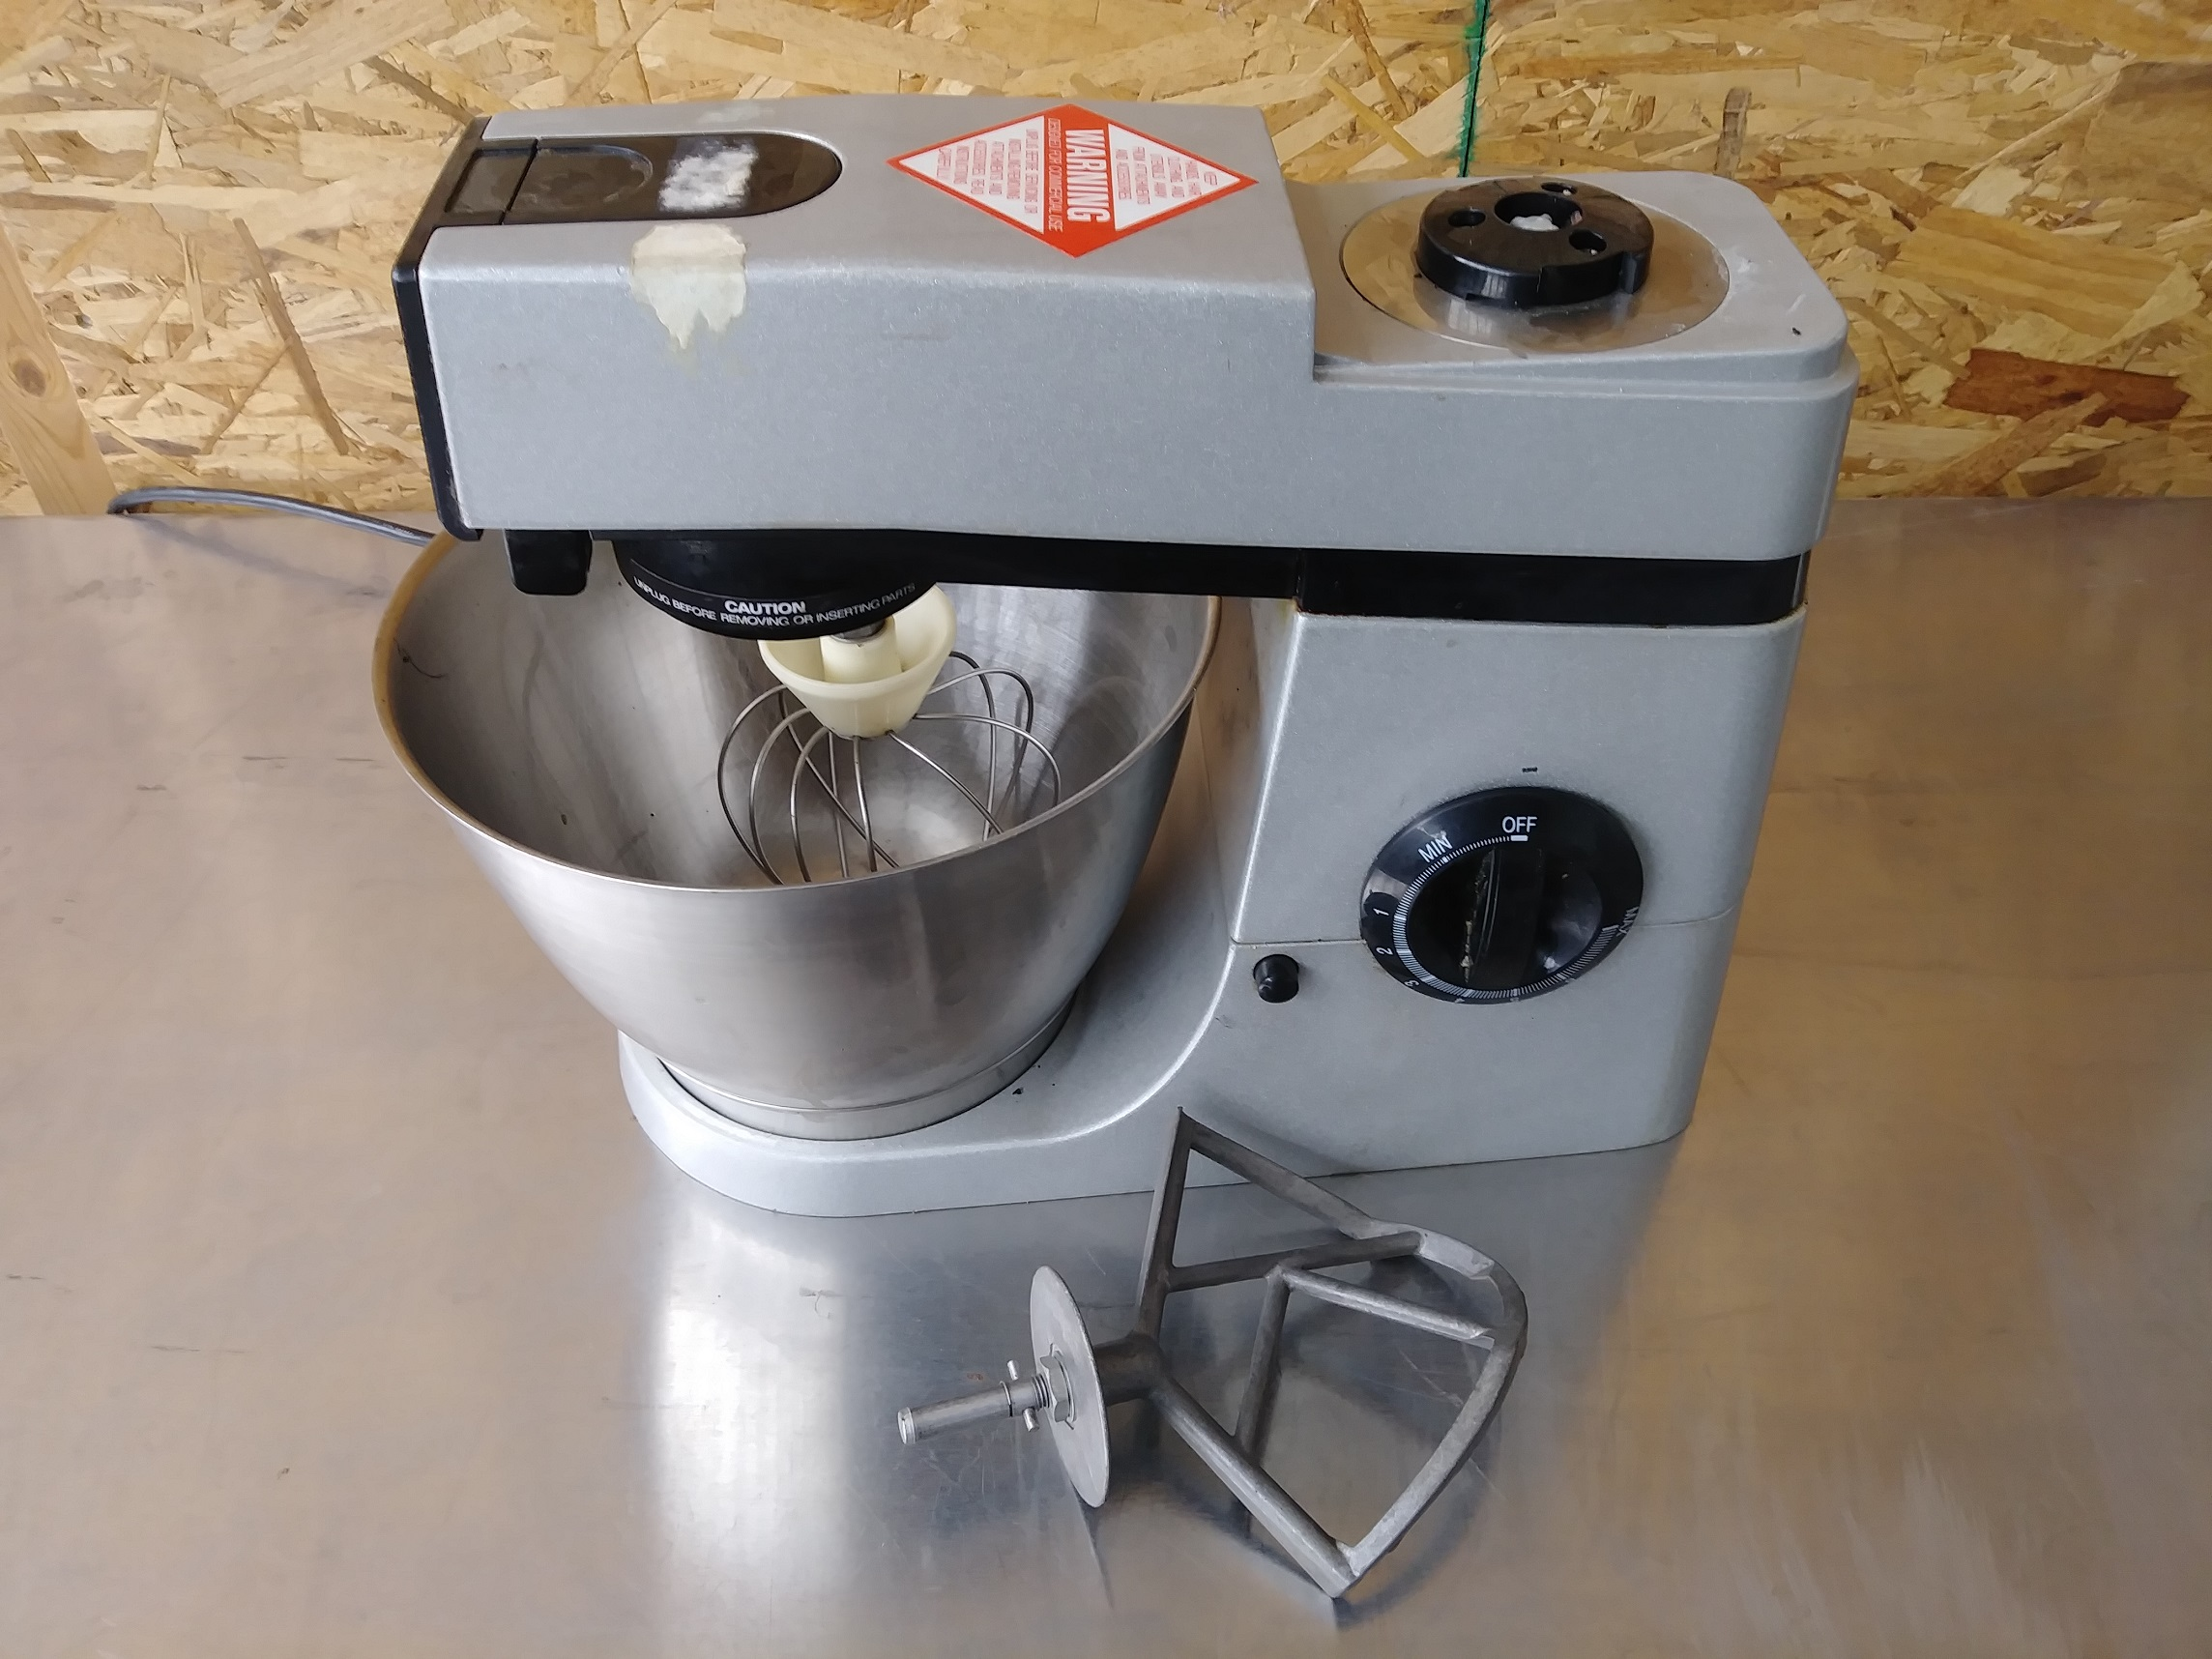 Commercial Countertop Mixer 5qt